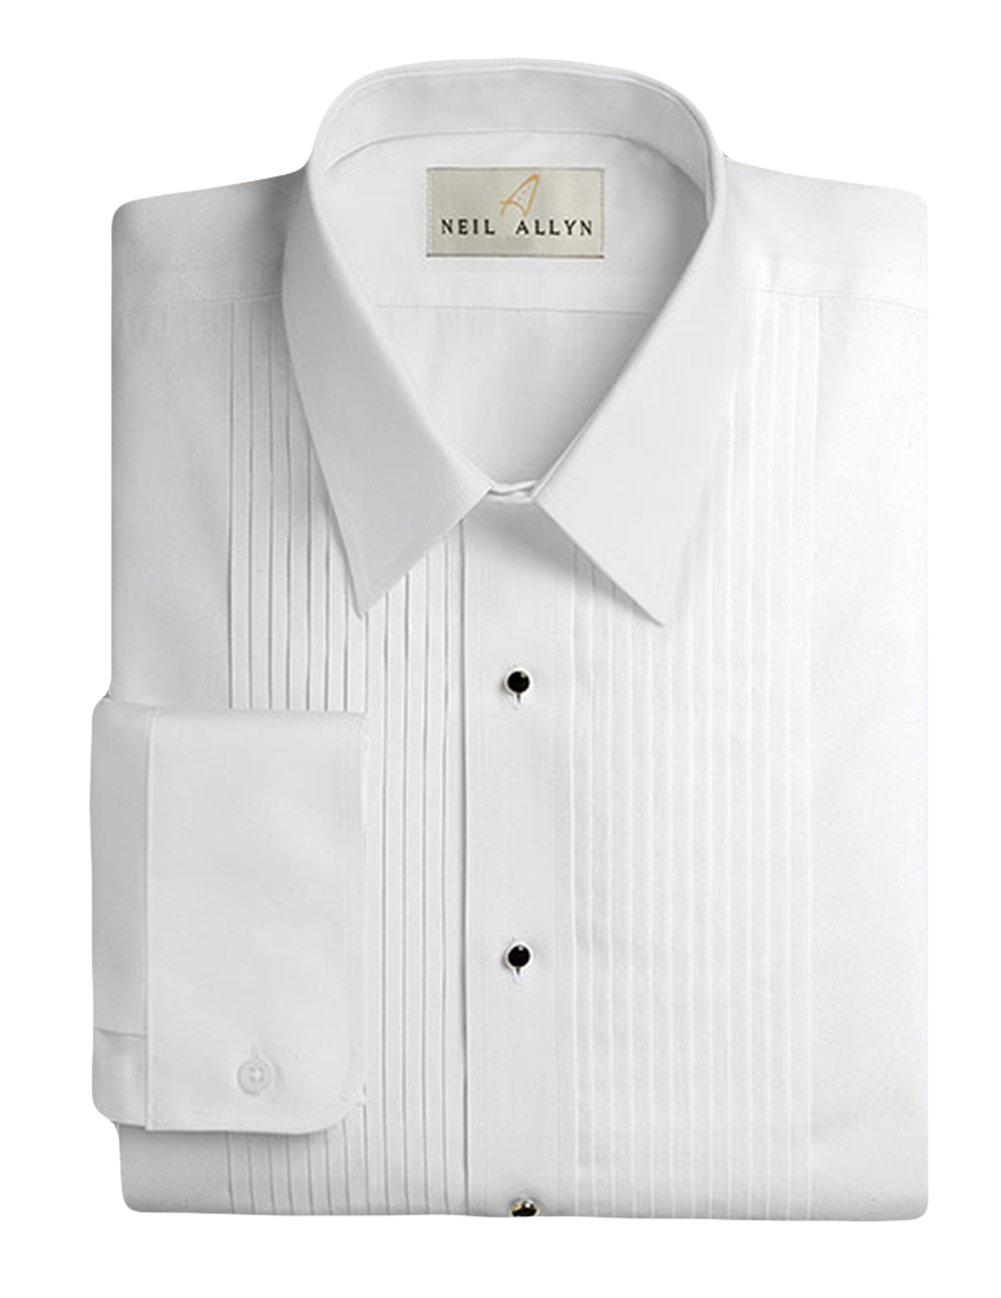 Neil Allyn Men's Tuxedo Shirt 100% Cotton 1/4'' Pleat Laydown Collar, 17.5 (36/37) by Neil Allyn